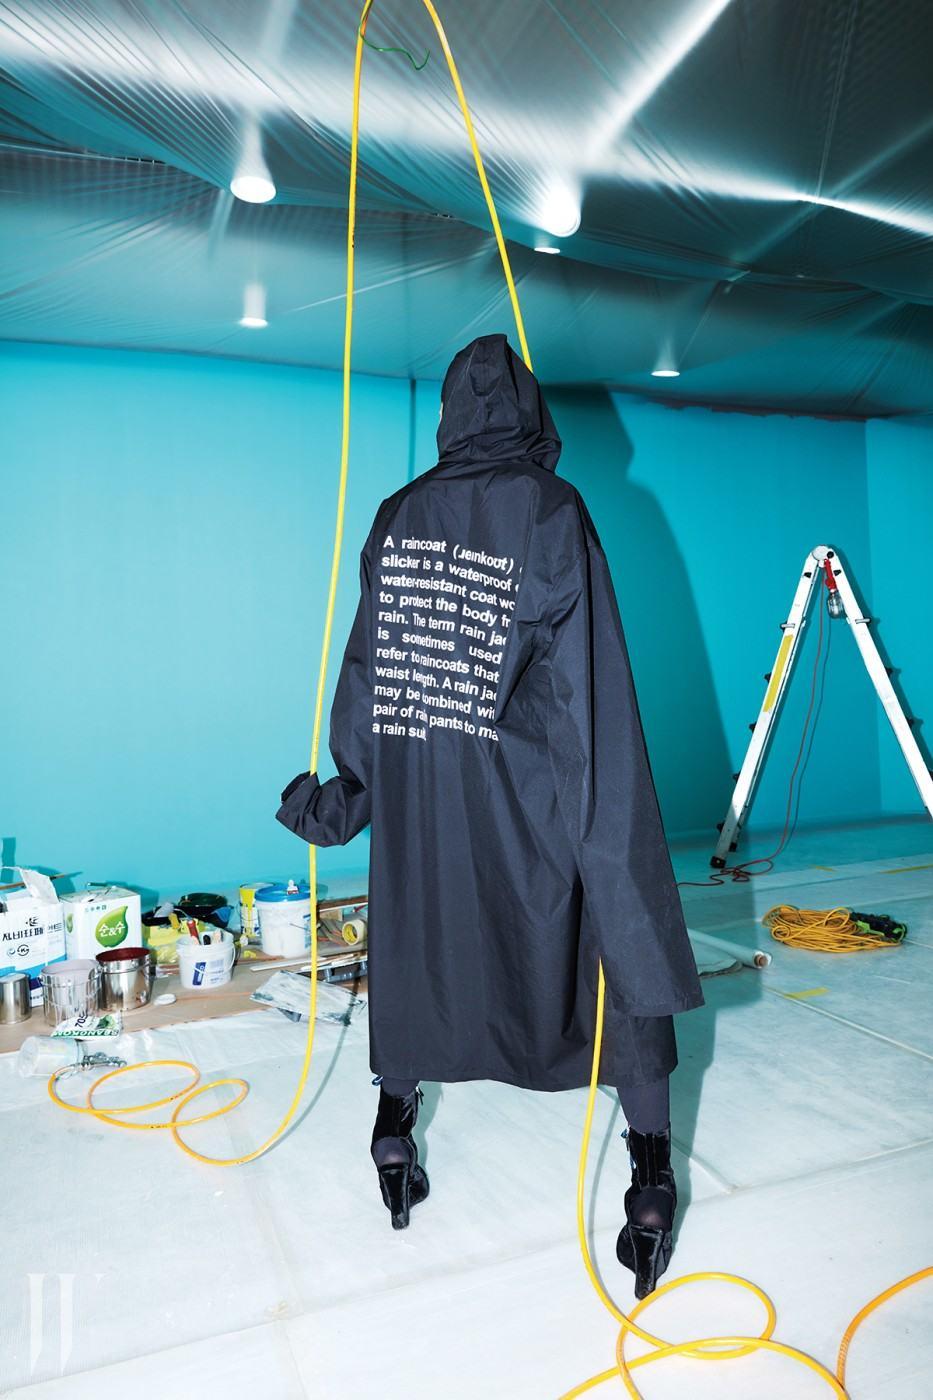 레터링 프린트의 레인 재킷은 베트멍 제품. 20만원대. 웨지 슈즈는 프라다 제품. 가격 미정 .